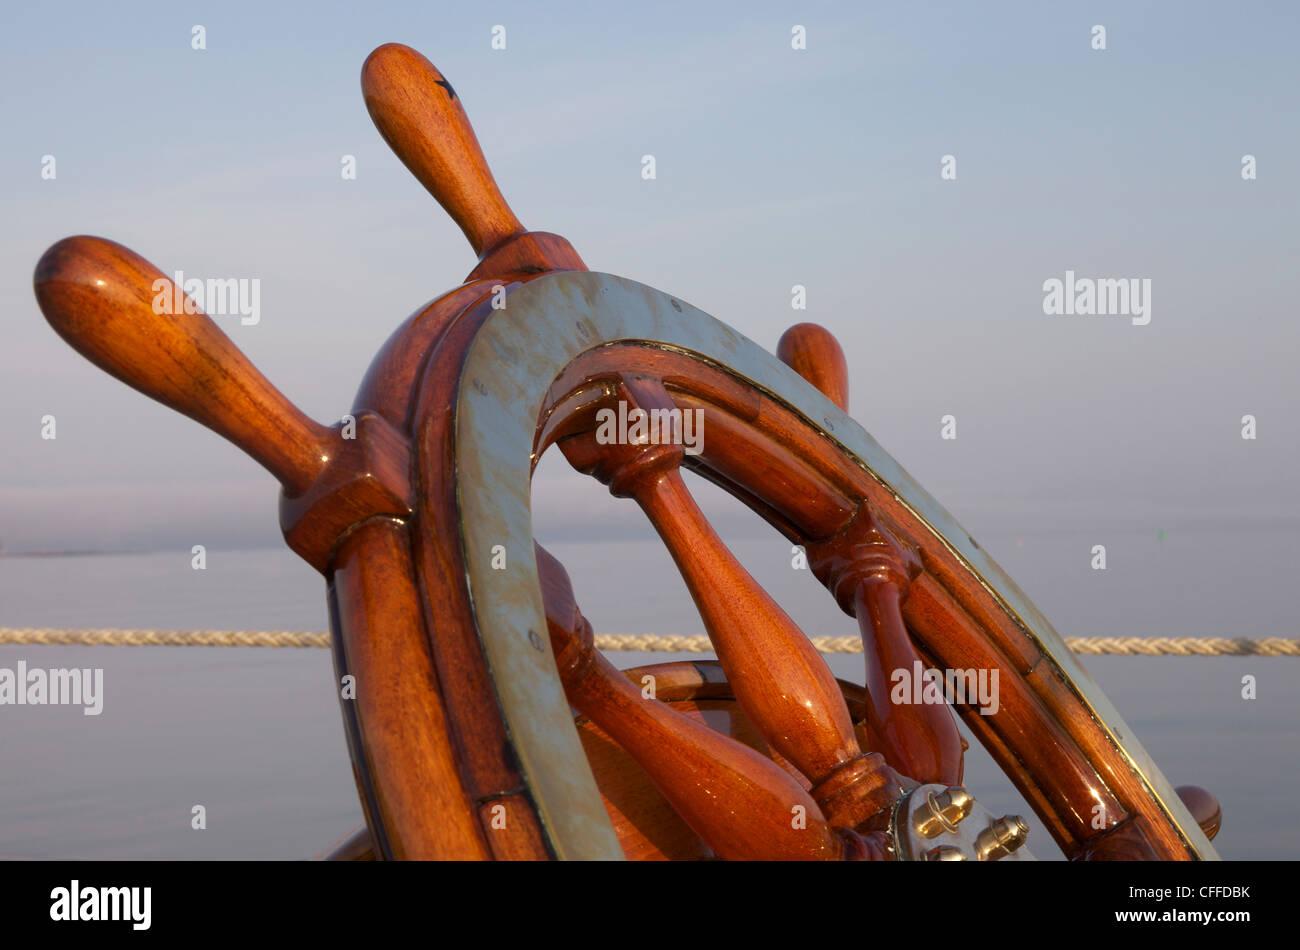 Ein warmes Glühen unterstreicht das Steuerrad an Bord einer klassischen Segelyacht als Sonnenuntergang Ansätze. Stockbild